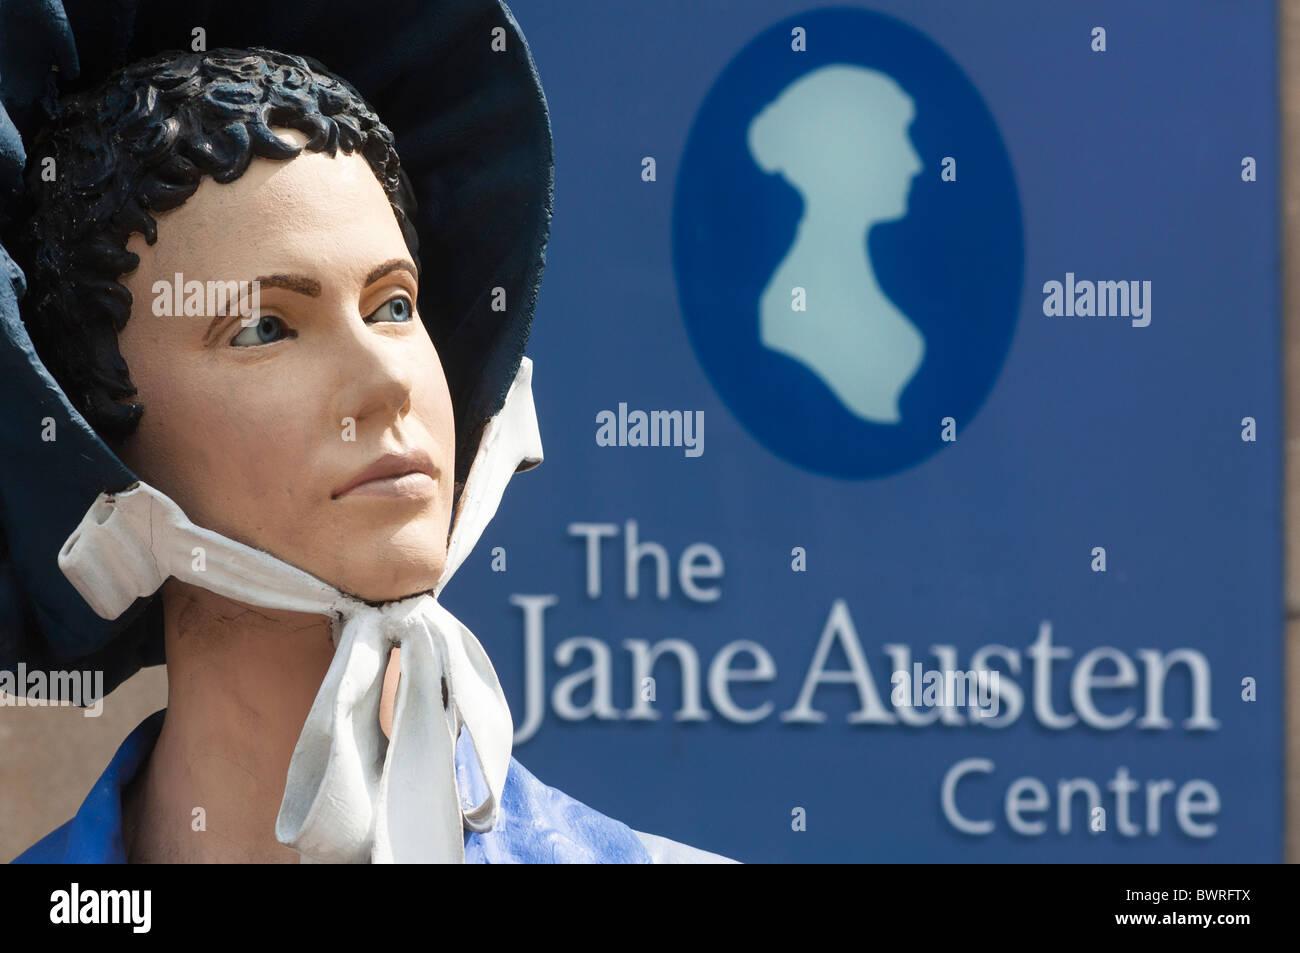 Maniqui femenino se visten de época a la entrada del centro de Jane Austen en Bath Somerset Inglaterra Imagen De Stock